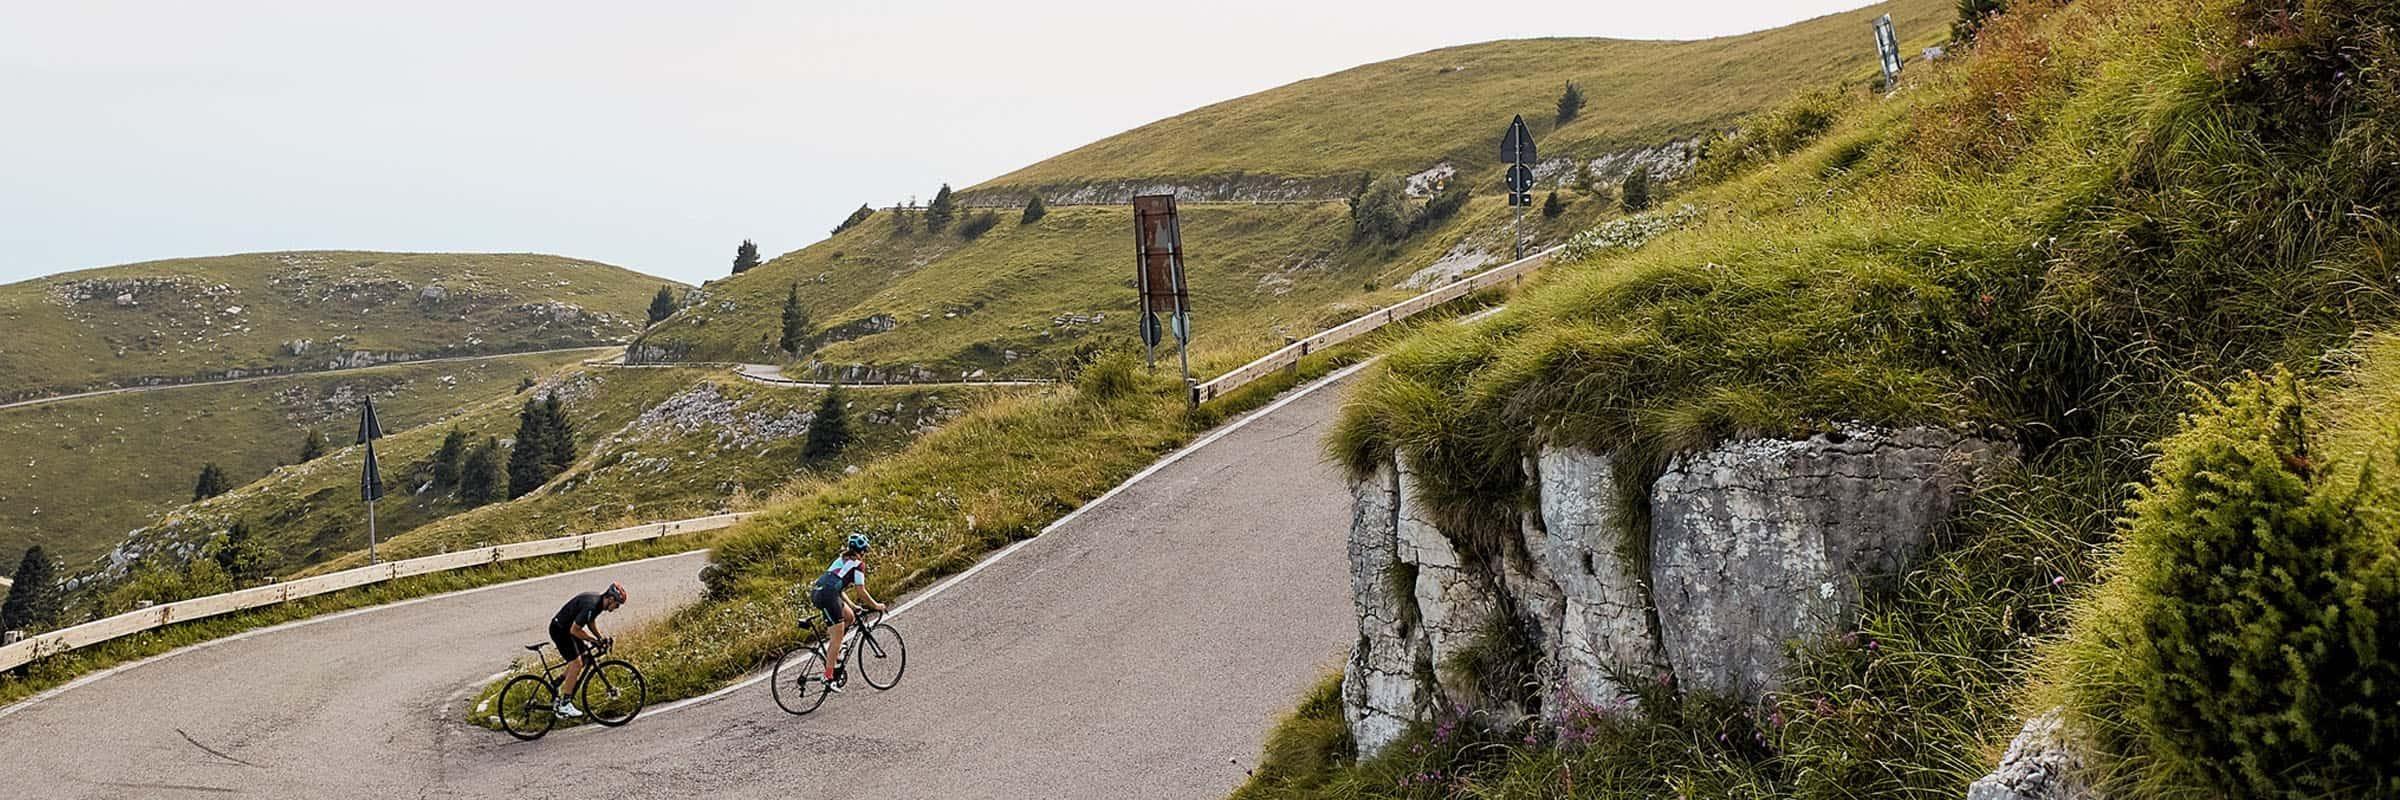 Voyage au berceau du cyclisme: sur la route des Dolomites avec l'équipe de Castelli